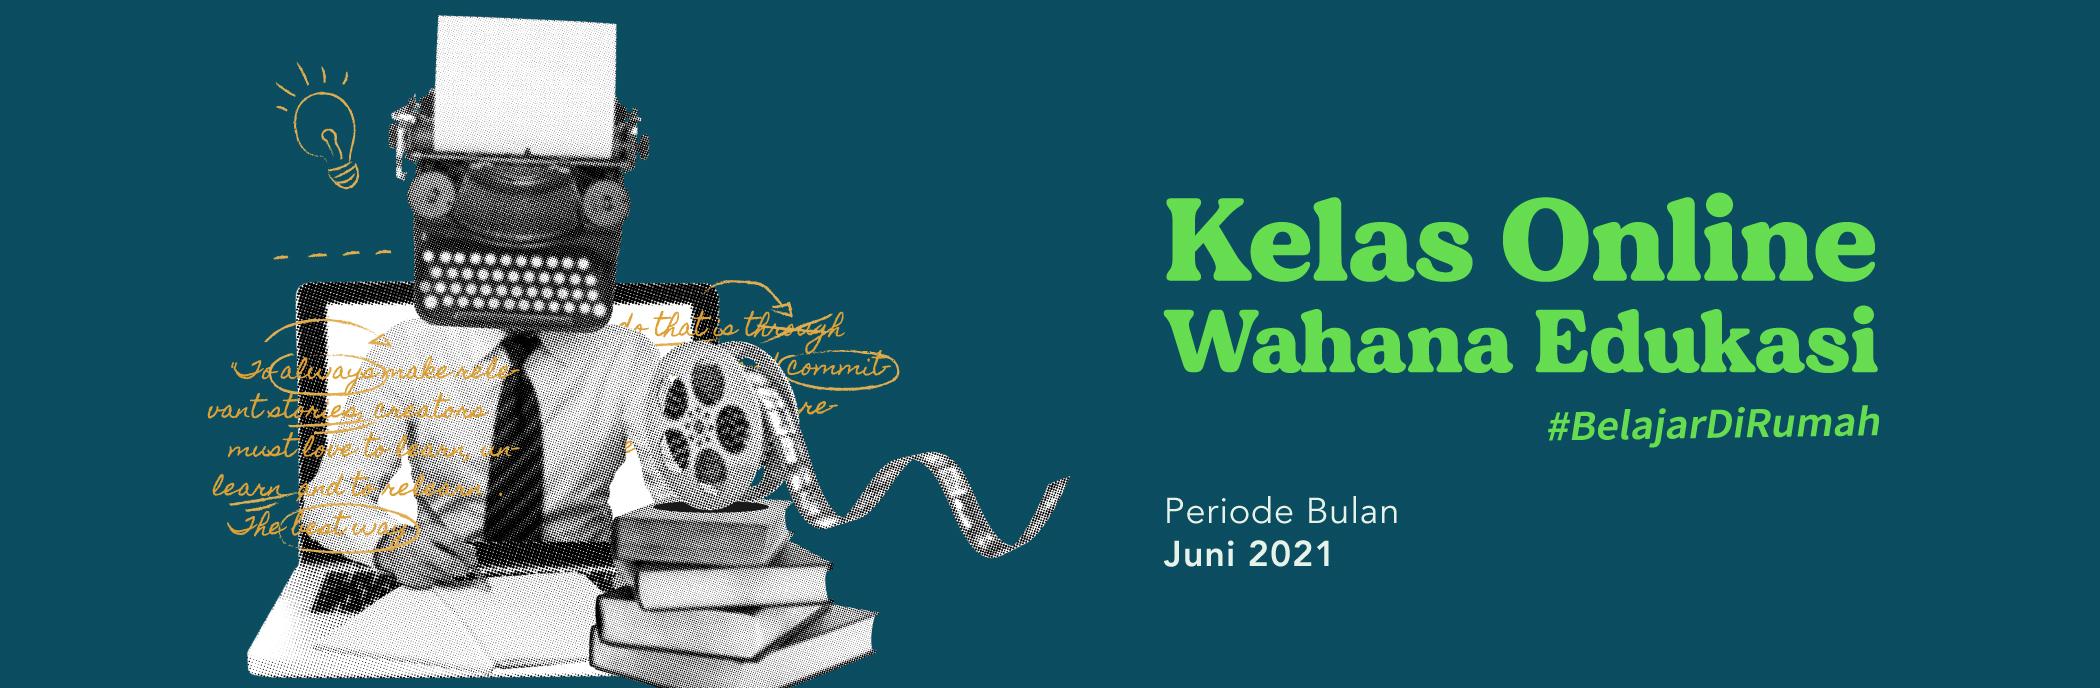 header-web-kls-online-juni21